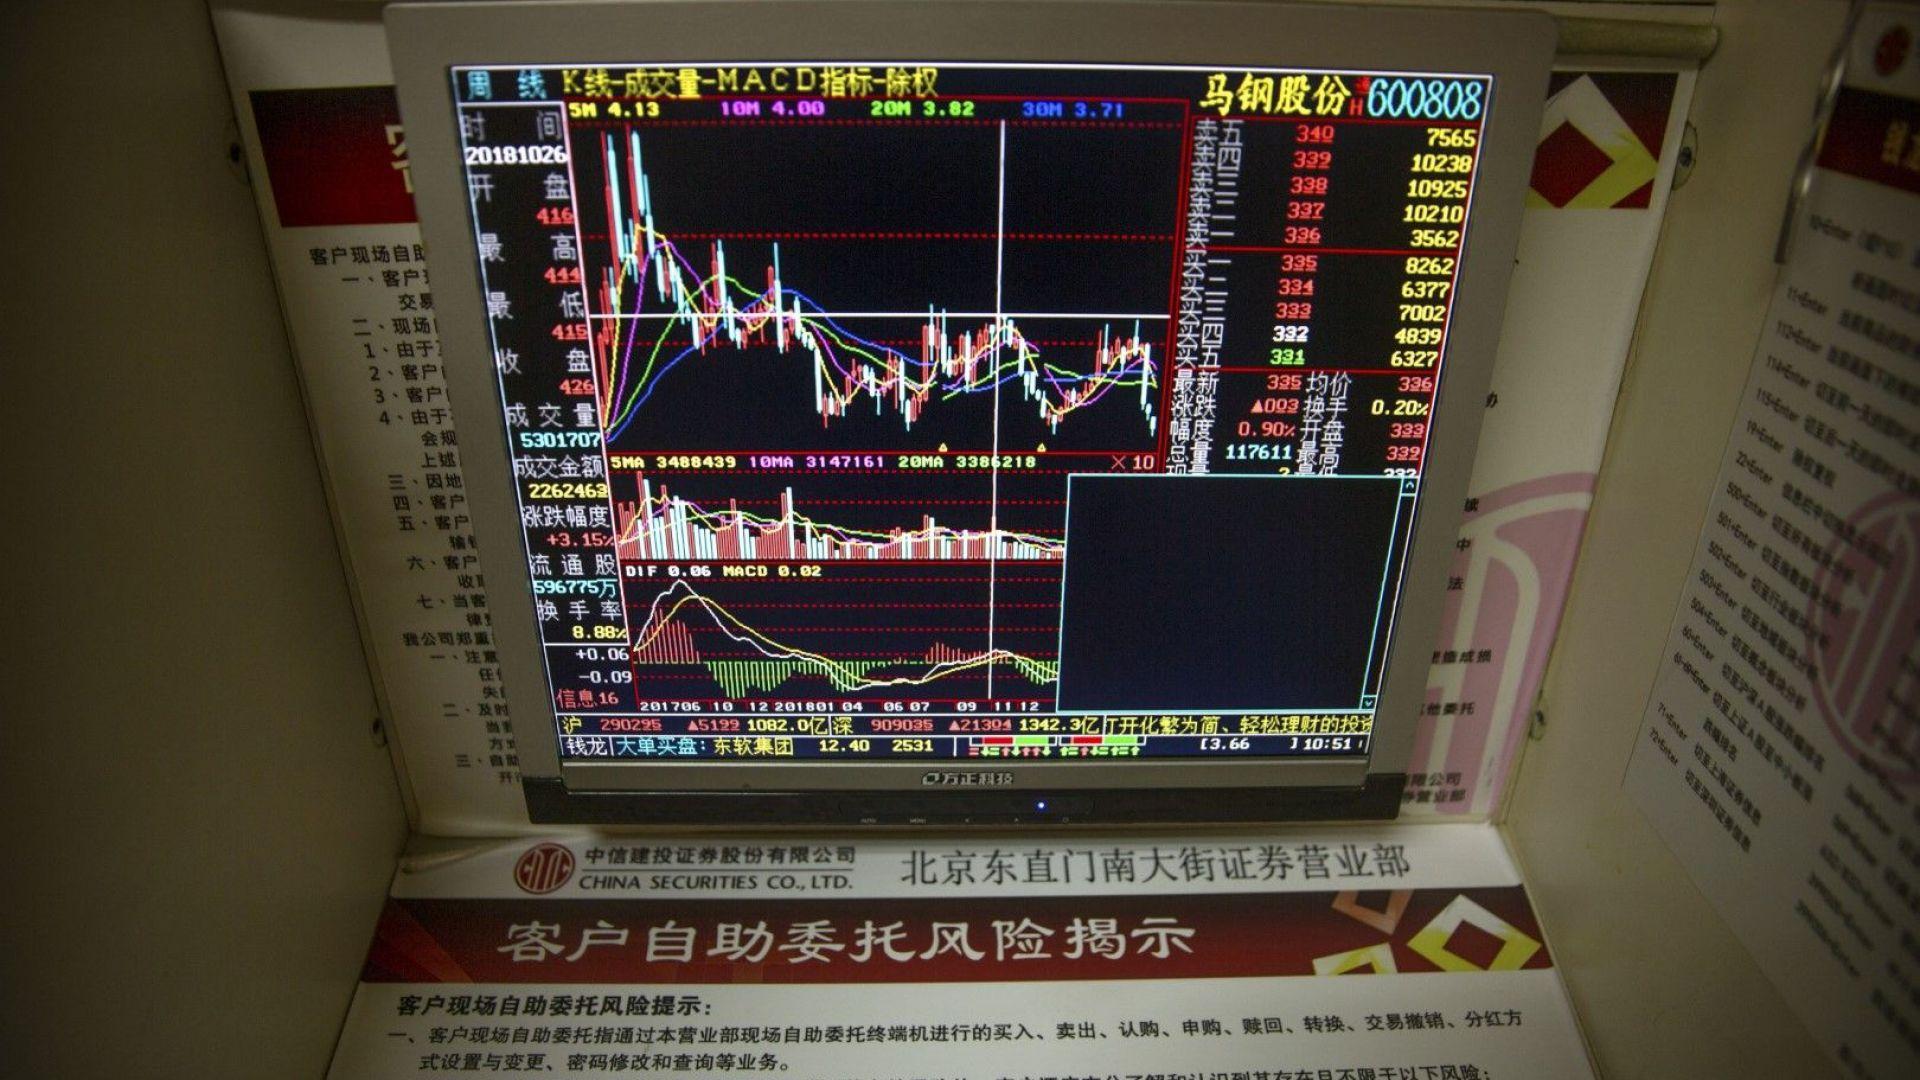 Китайската валута падна под ключовия праг от 7 юана за долар